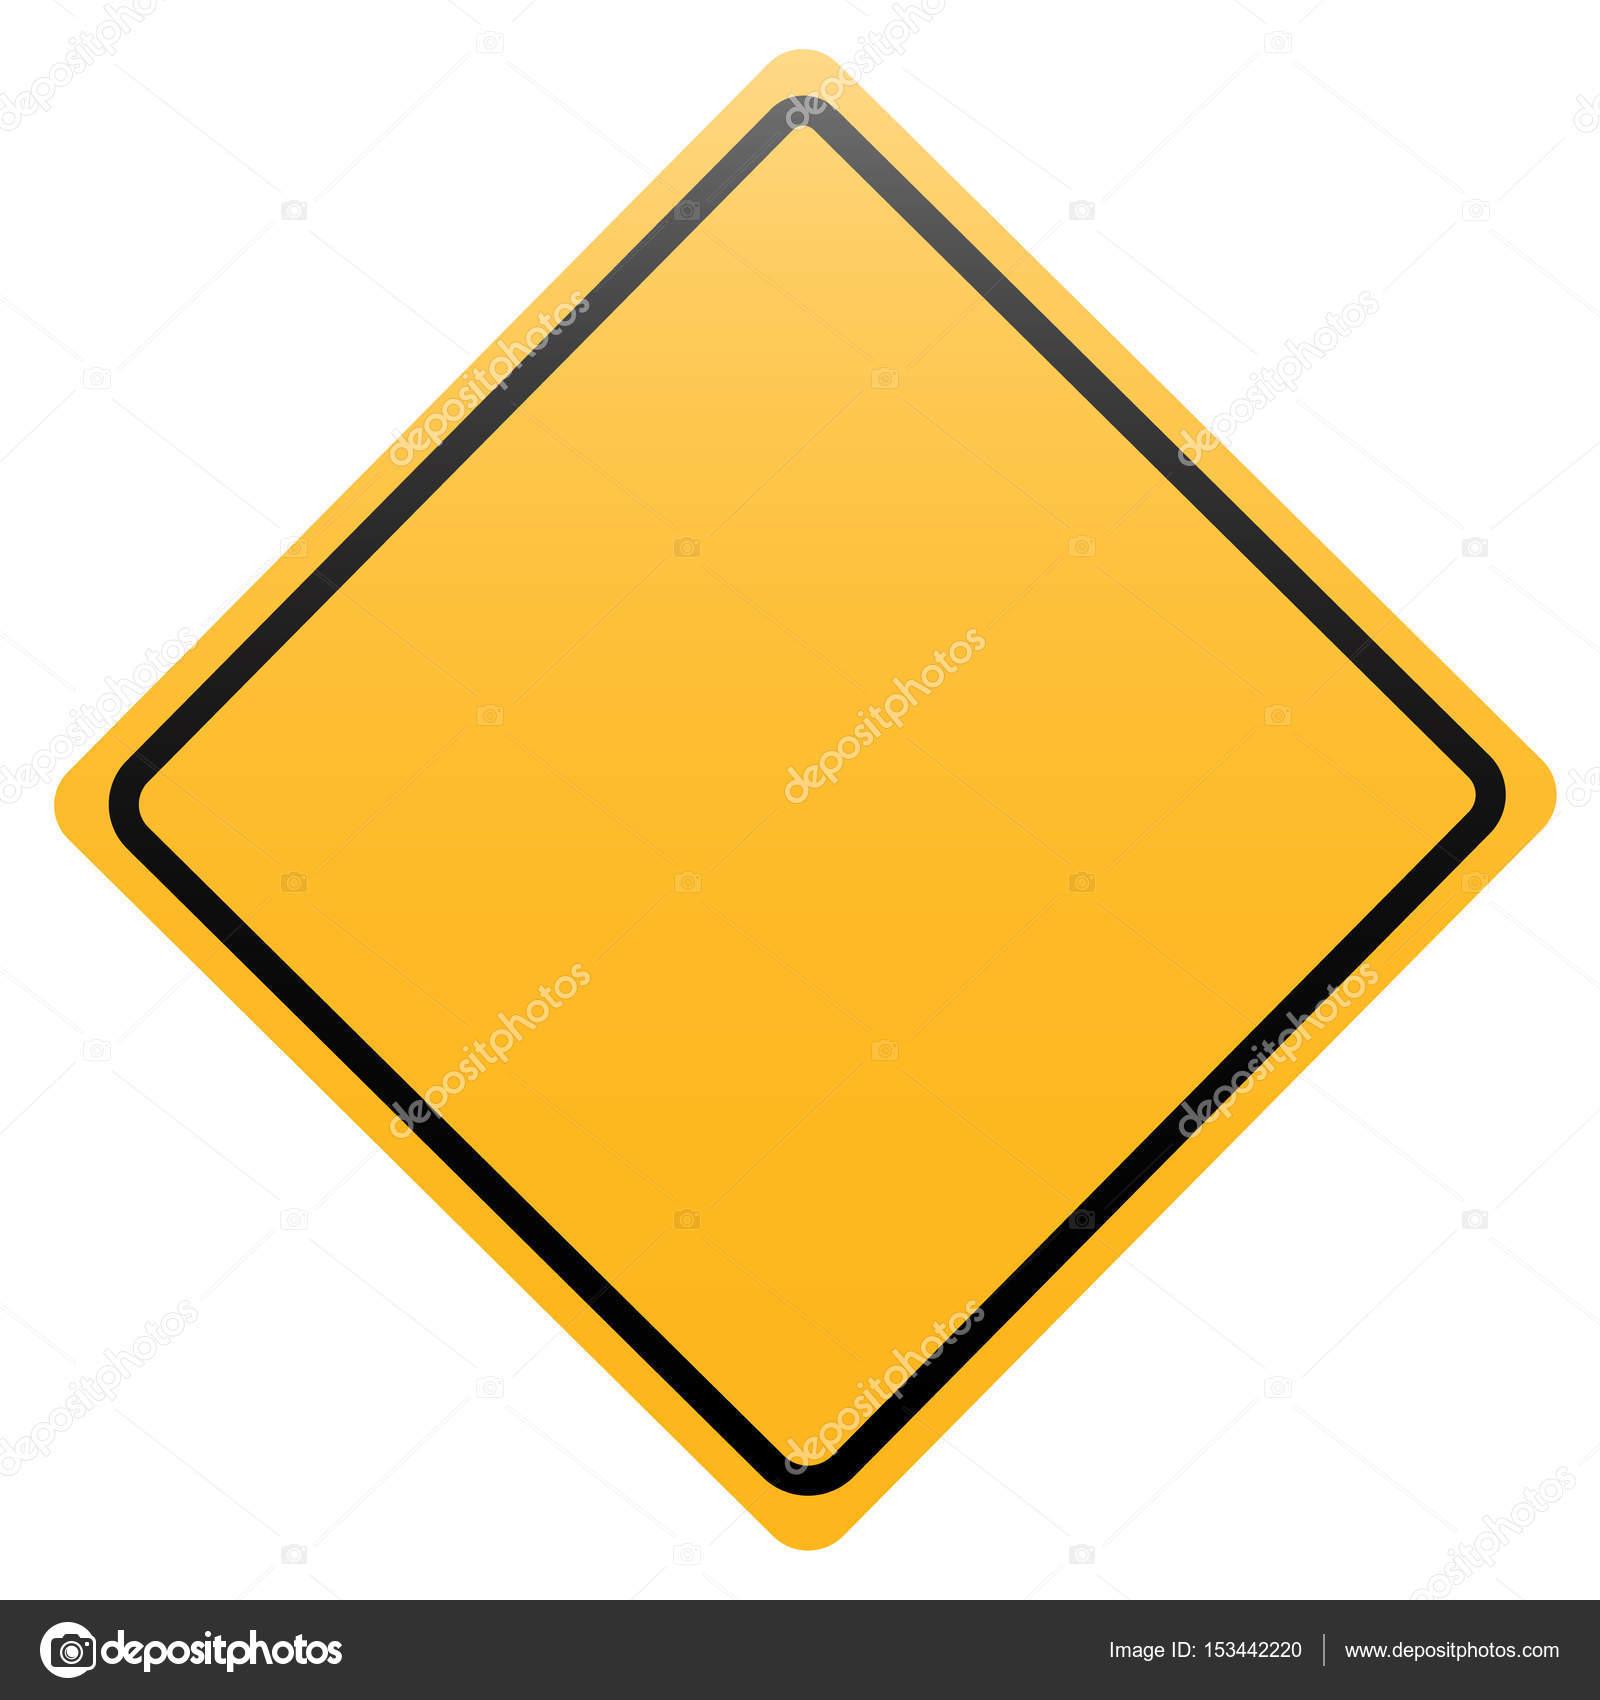 panneau de signalisation de losange jaune isol sur blanc image vectorielle boule1301 153442220